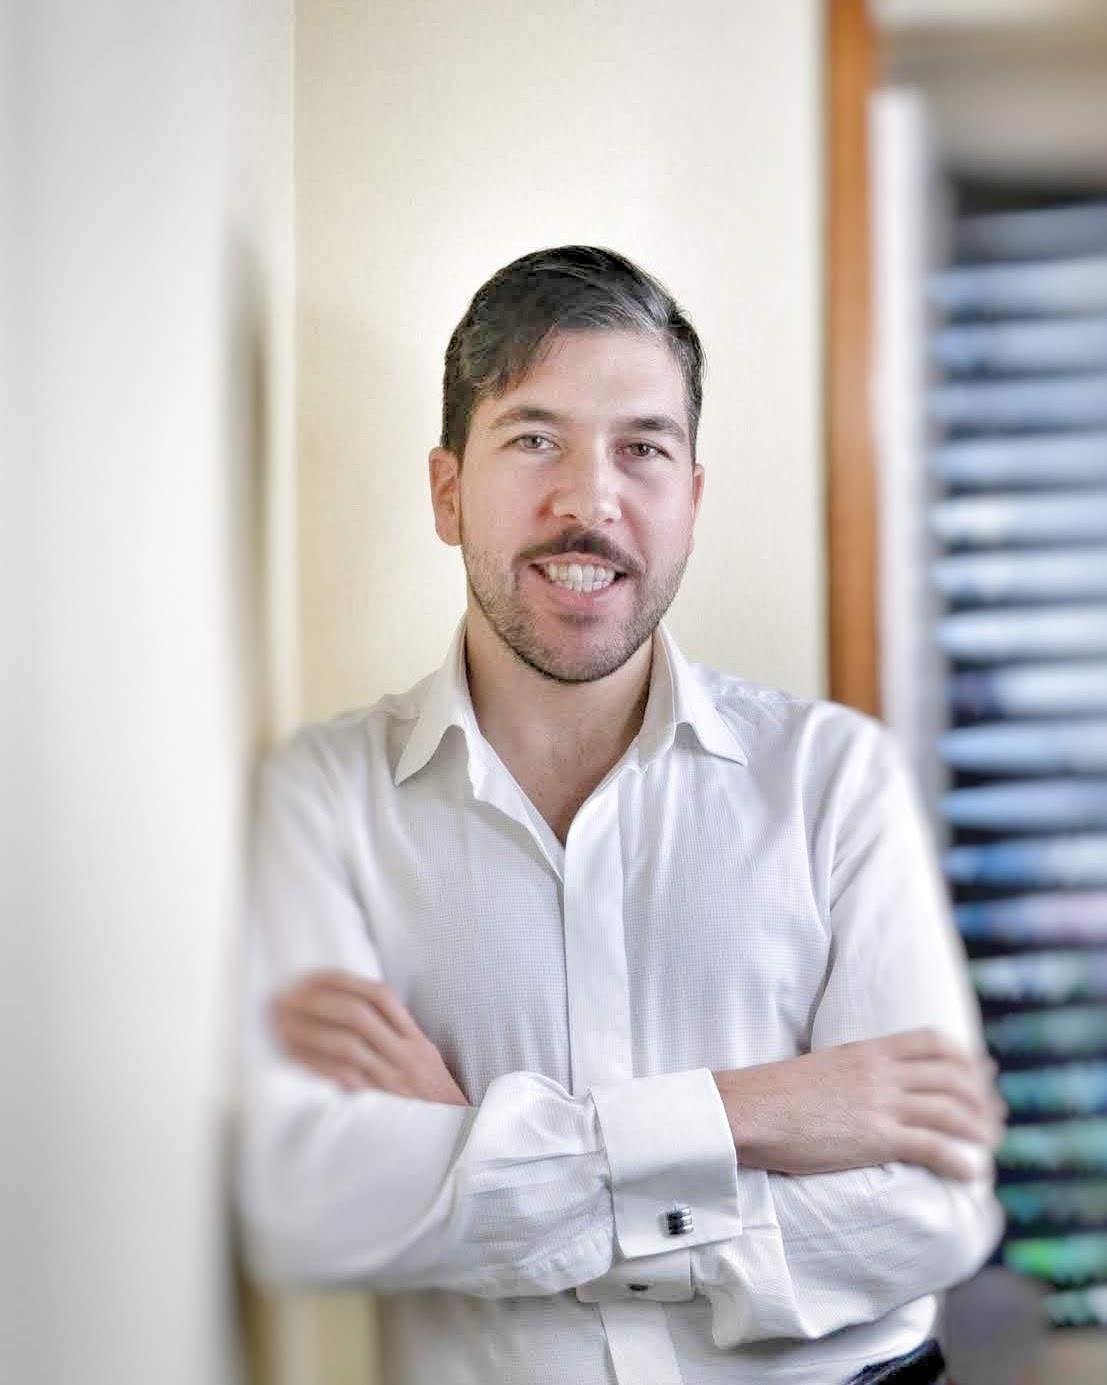 Gennaro Esposito, consulente seo, sem e digital strategist